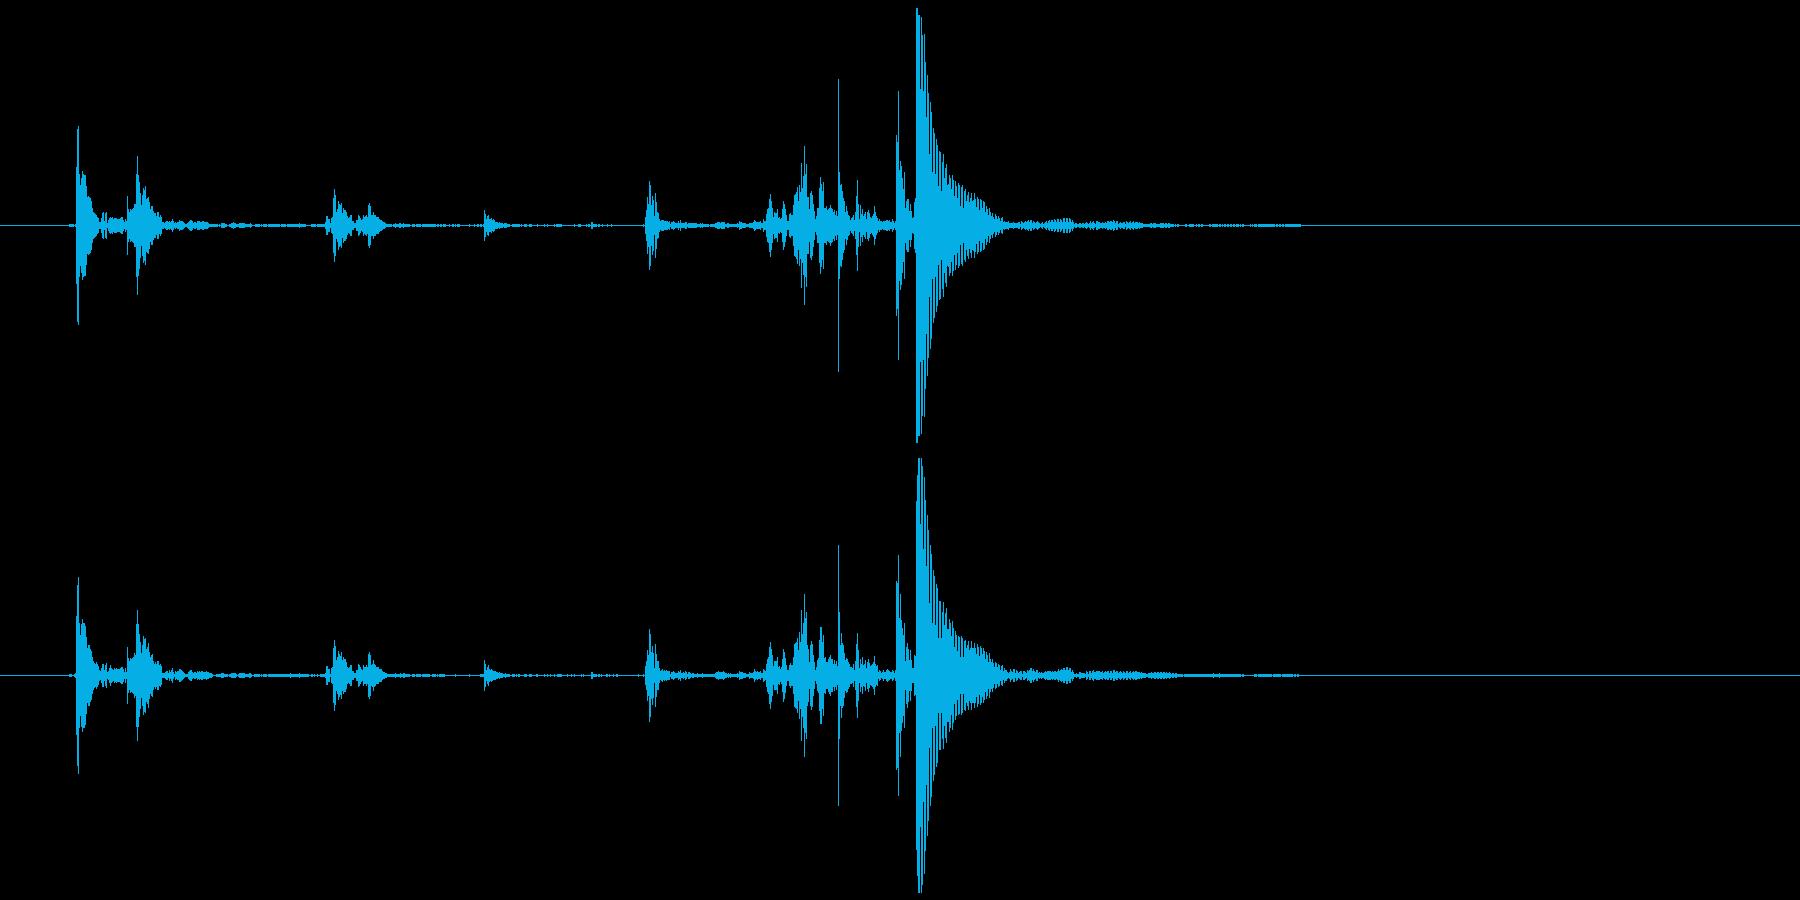 ガチャガチャのカプセル開閉音 カカッポッの再生済みの波形